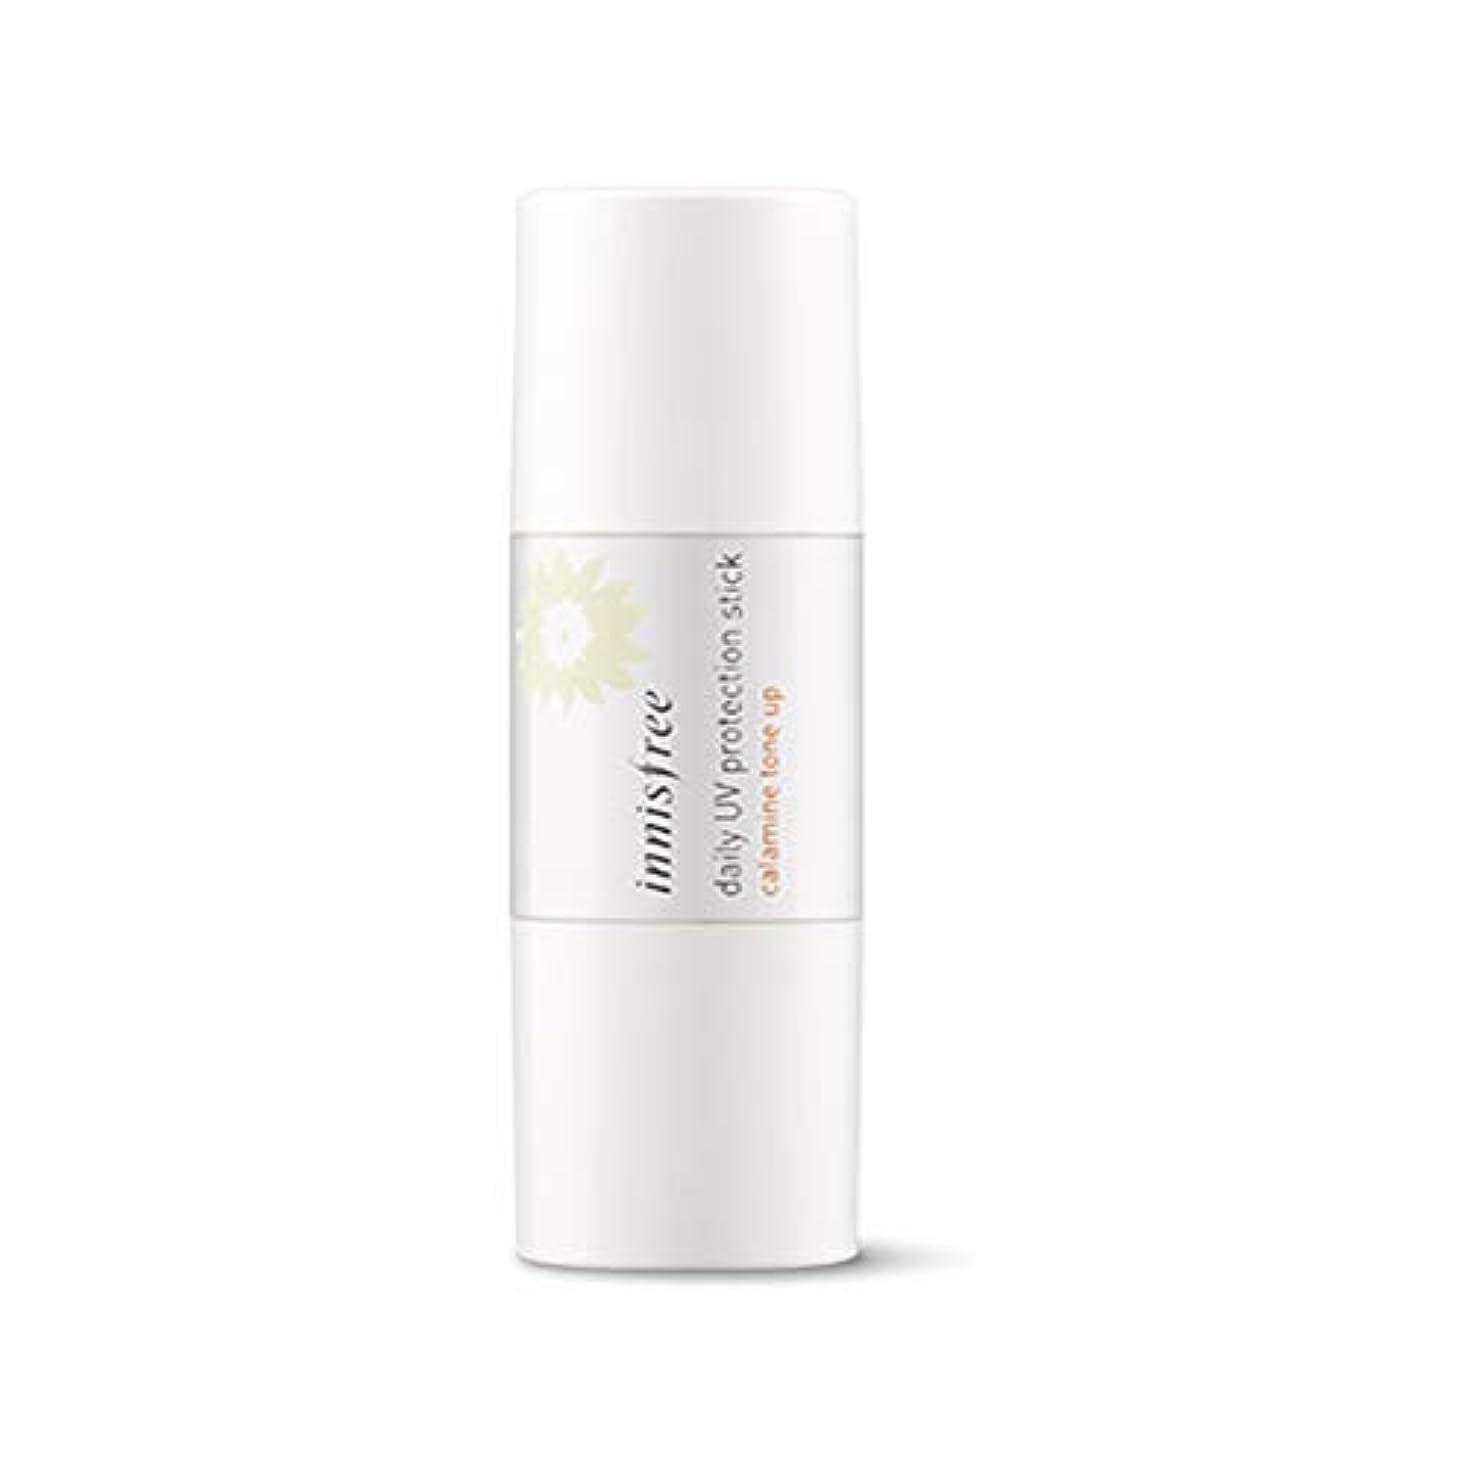 欠員通路勇気イニスフリー日焼け止めスラスタカラミントーンアップSPF50 + PA +++ 8g【ブラシ付】 Innisfree daily UV protection stick calamine tone up SPF50 +...